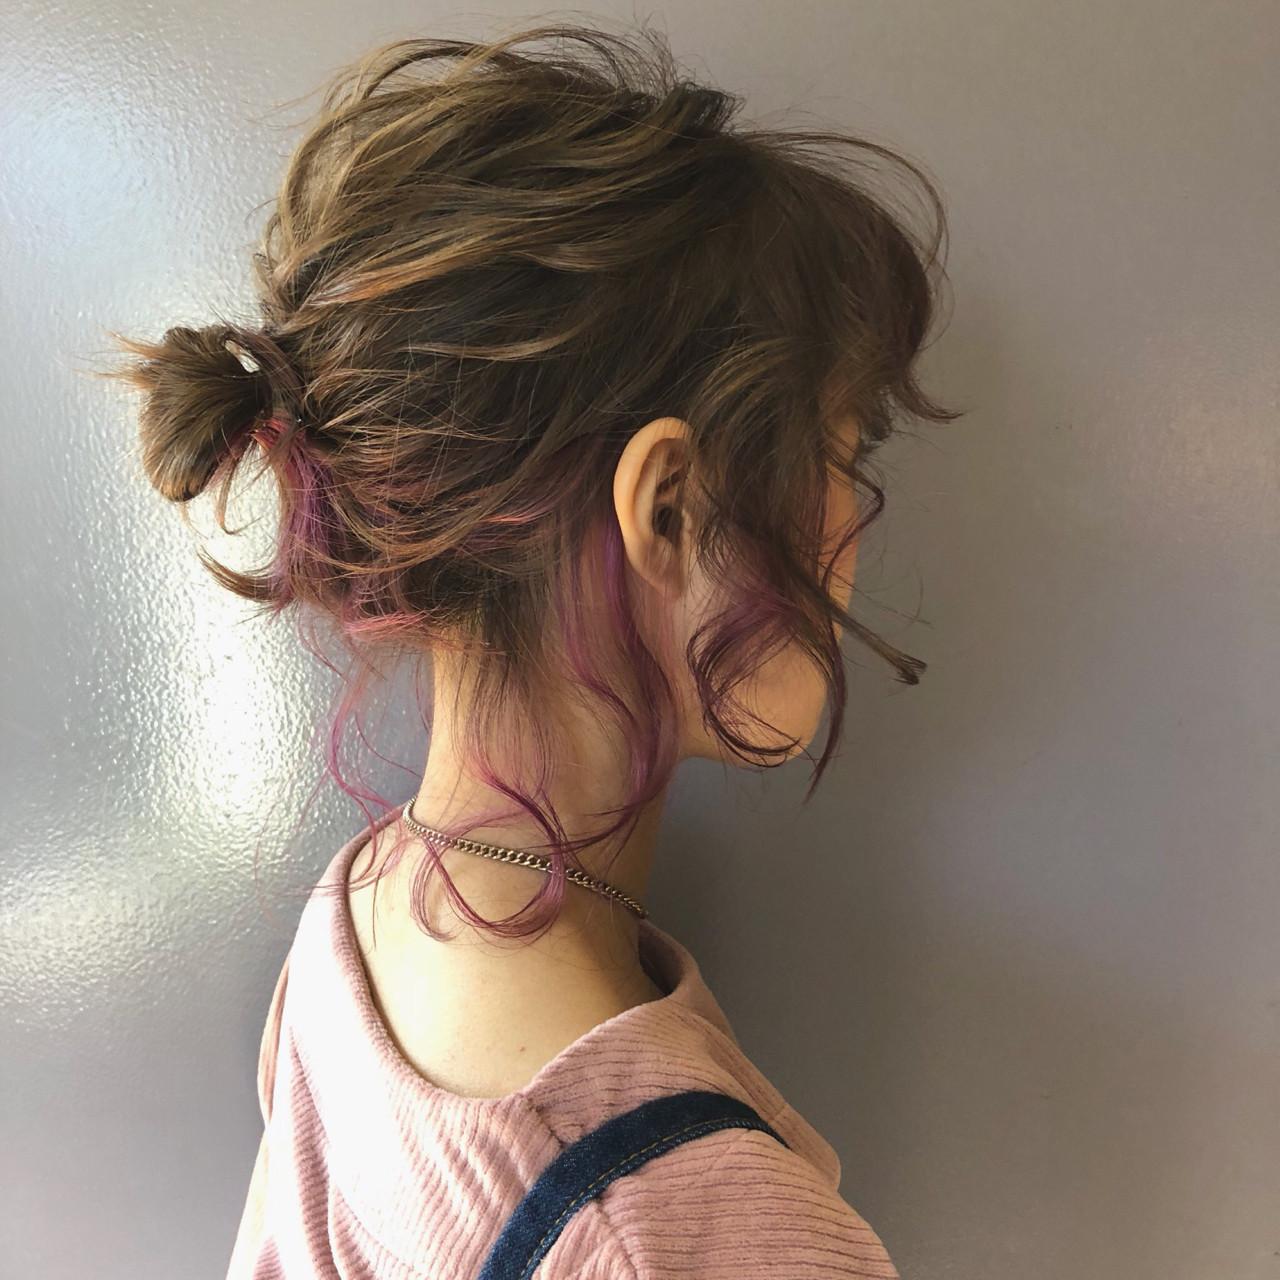 ダブルカラー ガーリー ヘアアレンジ お団子 ヘアスタイルや髪型の写真・画像 | 北里和哉 / far beyond